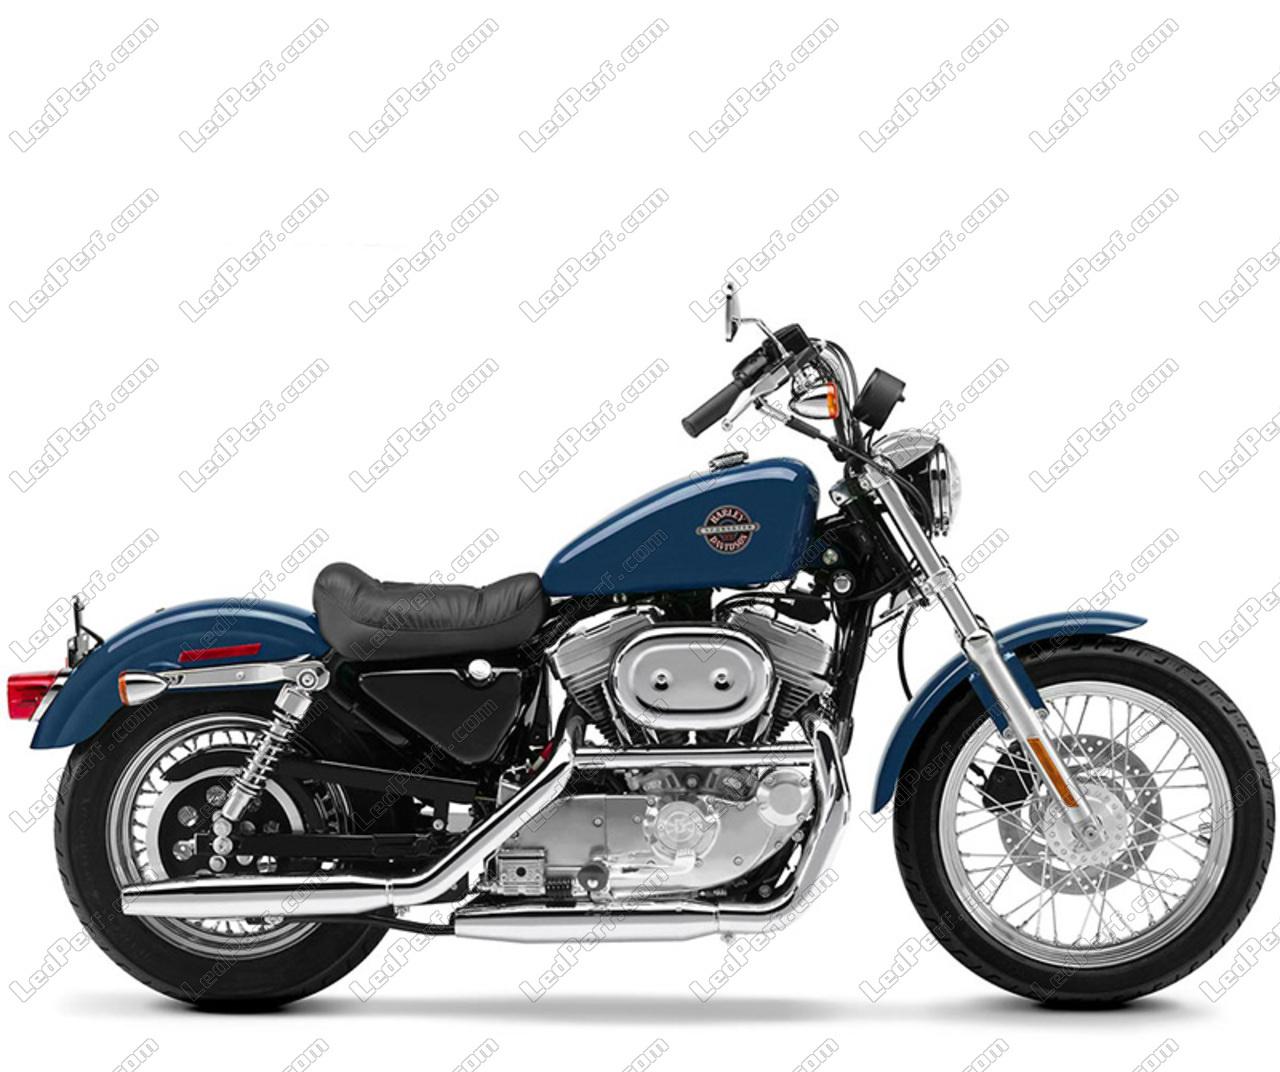 phares additionnels led pour moto harley davidson hugger 883. Black Bedroom Furniture Sets. Home Design Ideas